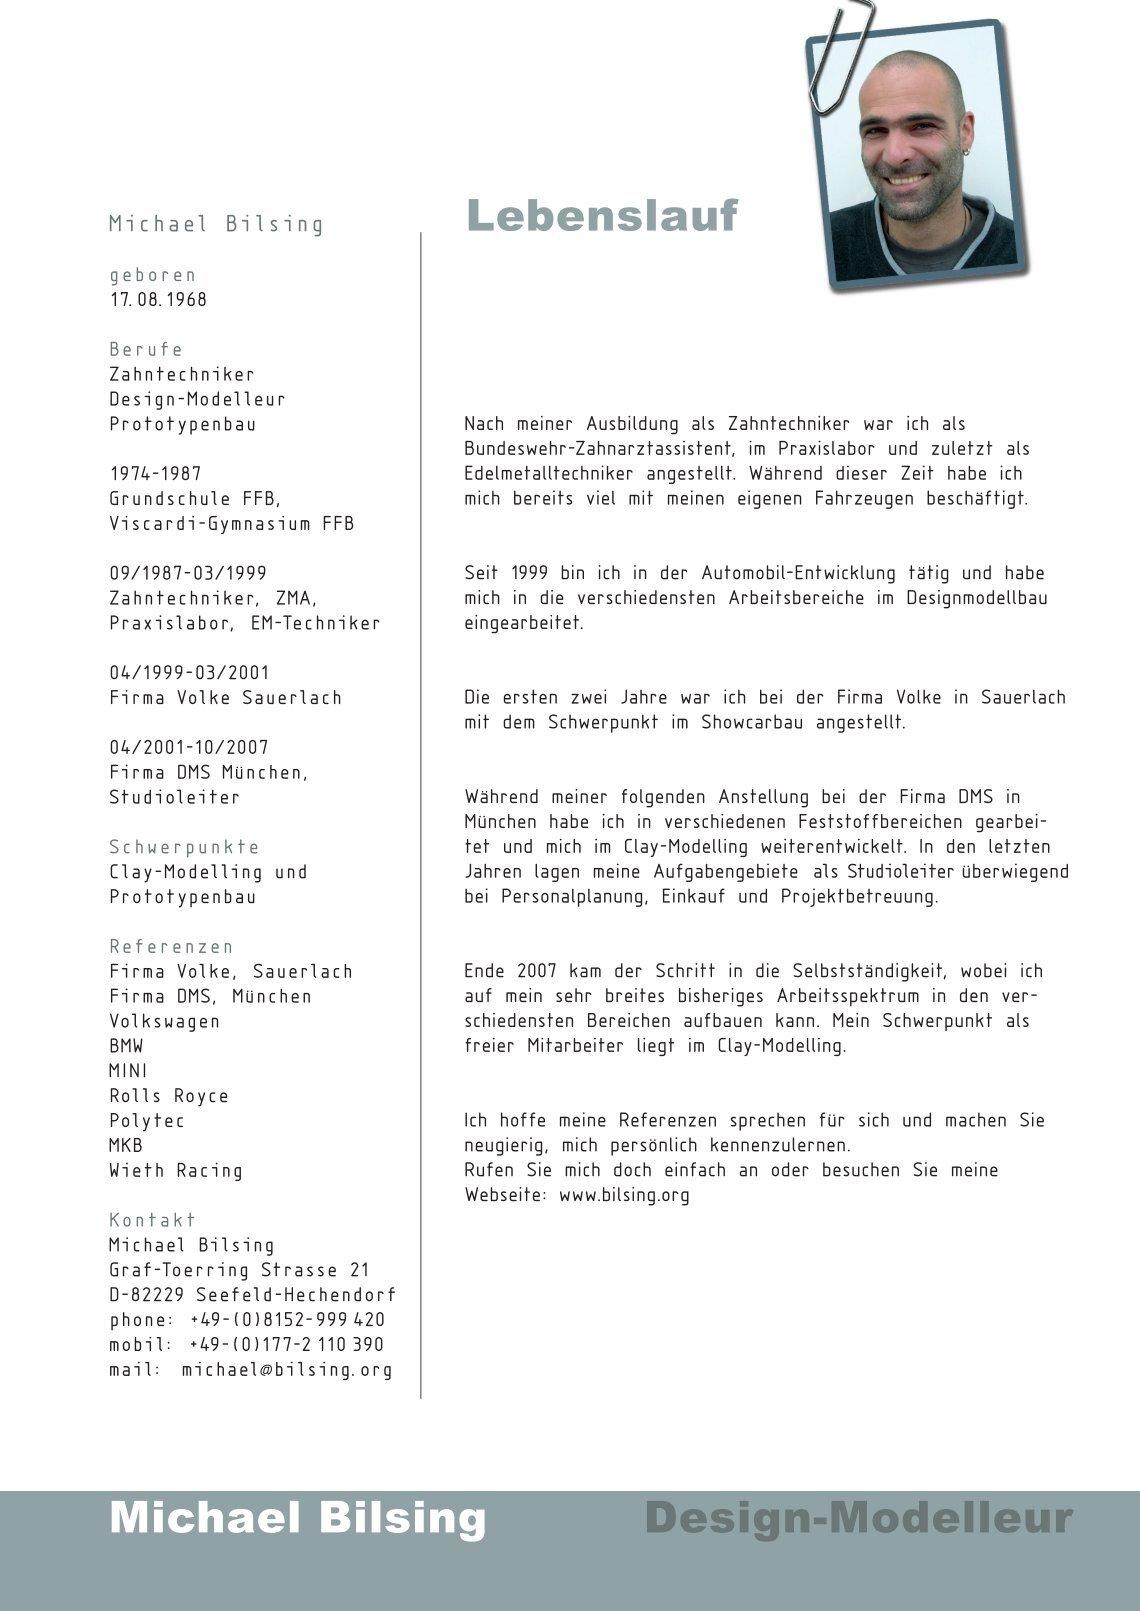 Schön Persönlicher Lebenslauf Erbauer Fotos - Entry Level Resume ...